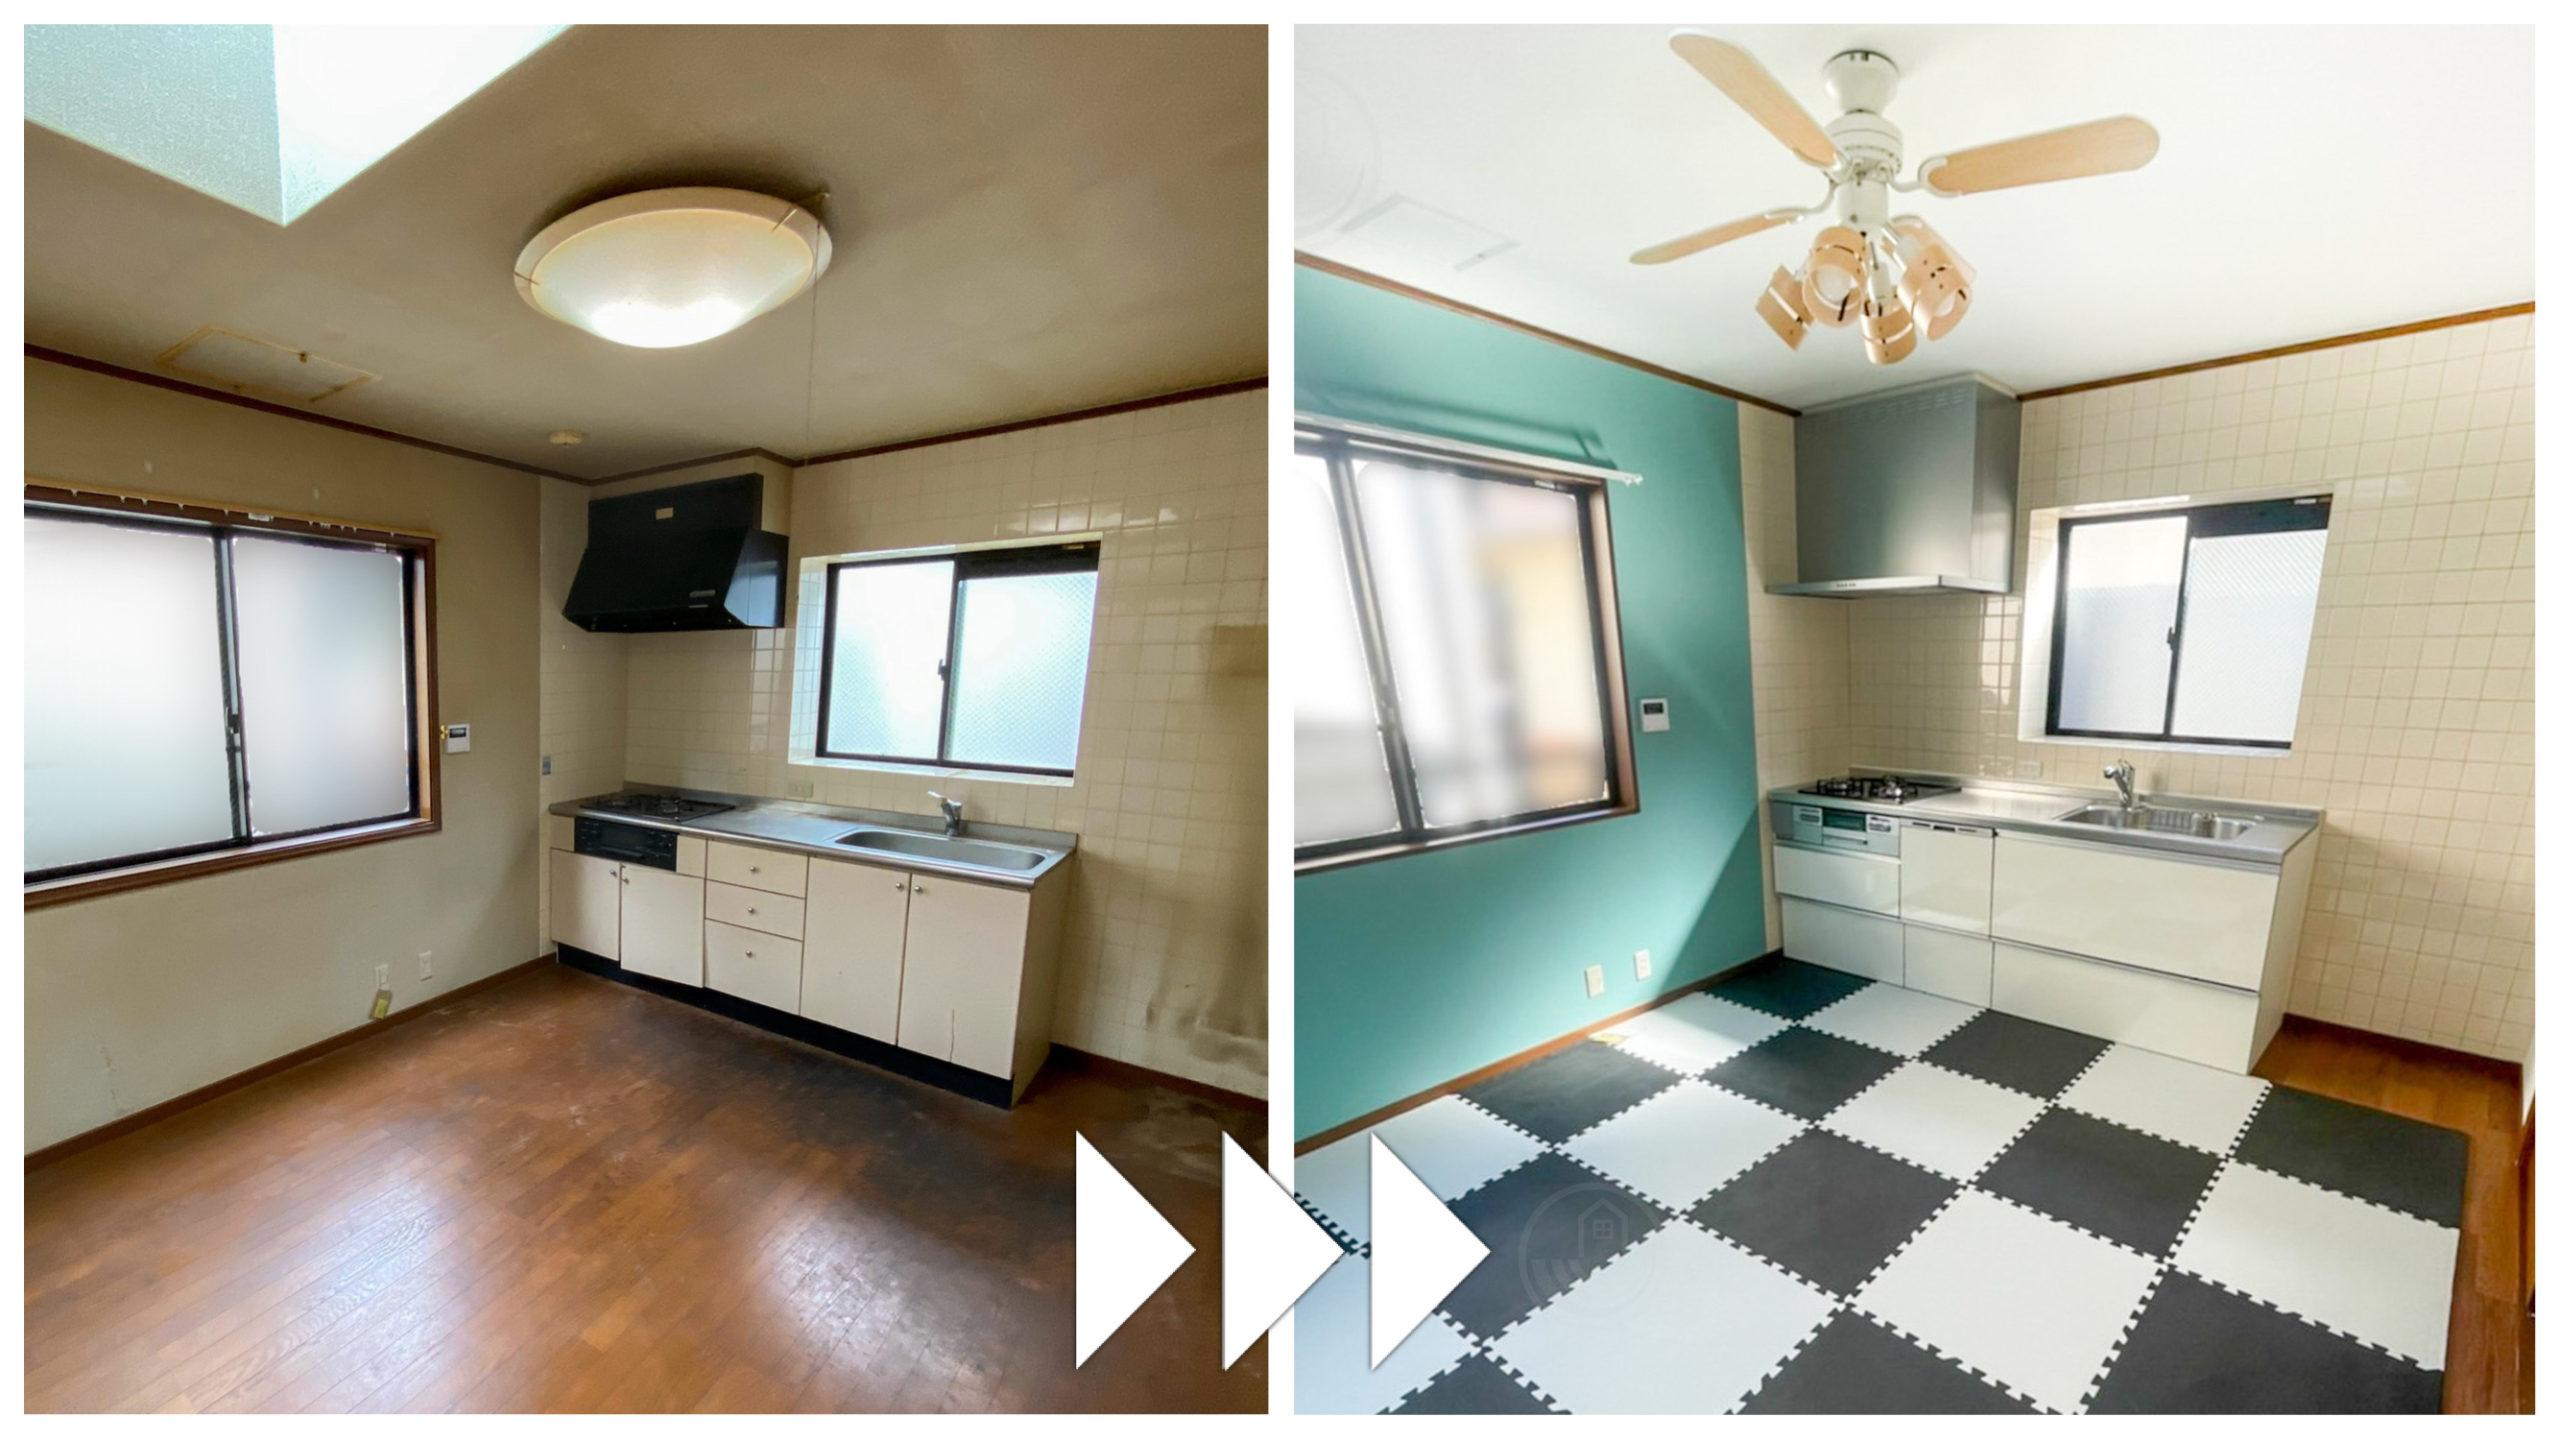 キッチン「クリナップ ラクエラ」綺麗・強い・再利用可能なステンレス